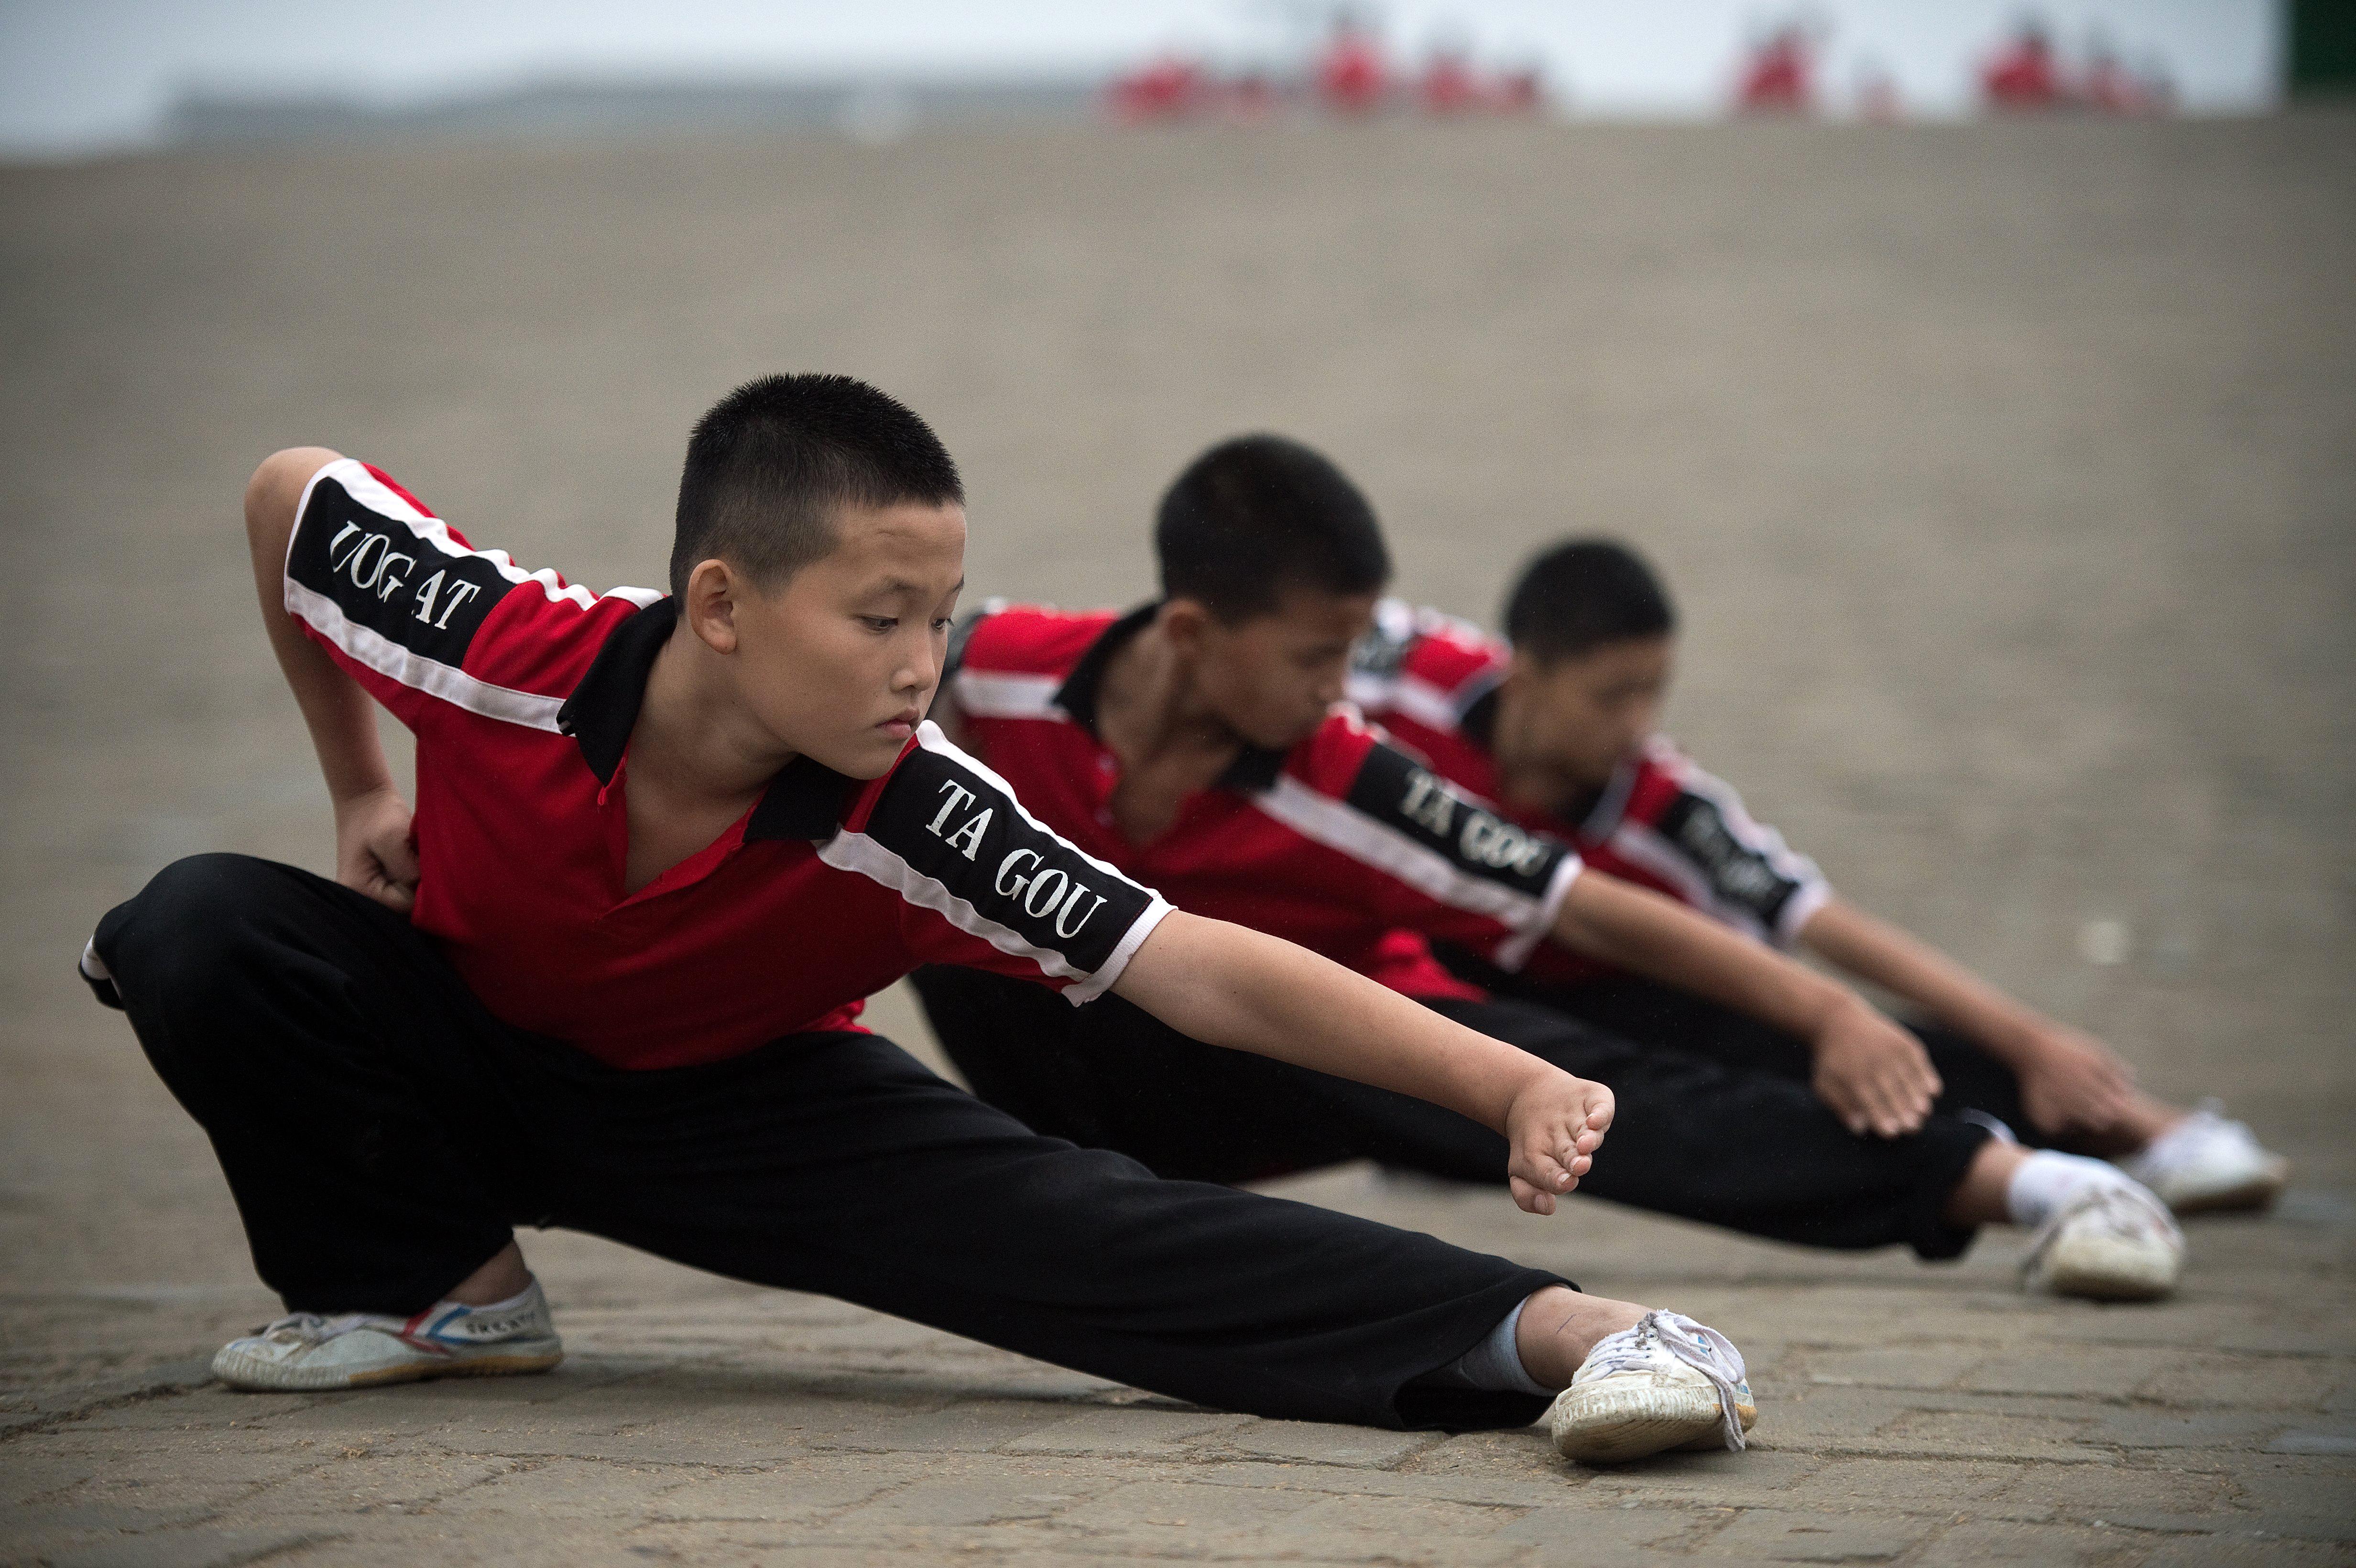 A kormány lövészetet és küzdősportokat is oktatna a testnevelésórákon